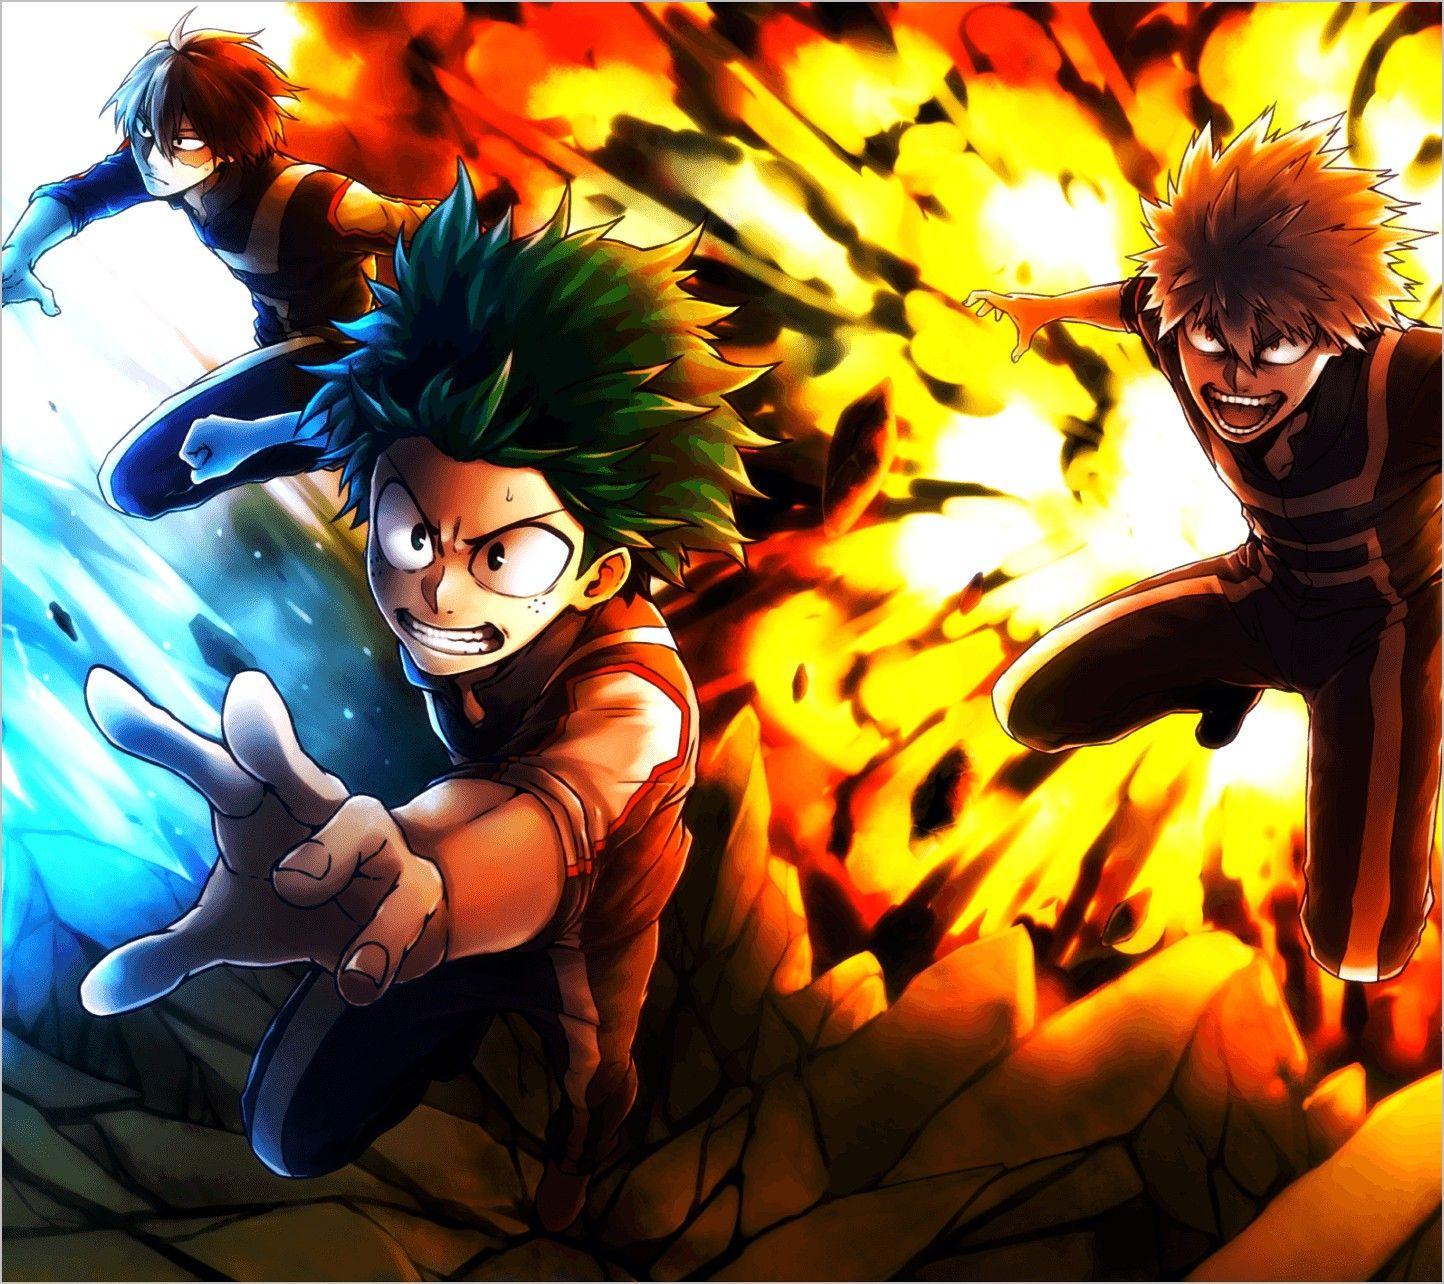 Mha 4k Wallpaper Pc My Hero Academia My Hero Anime